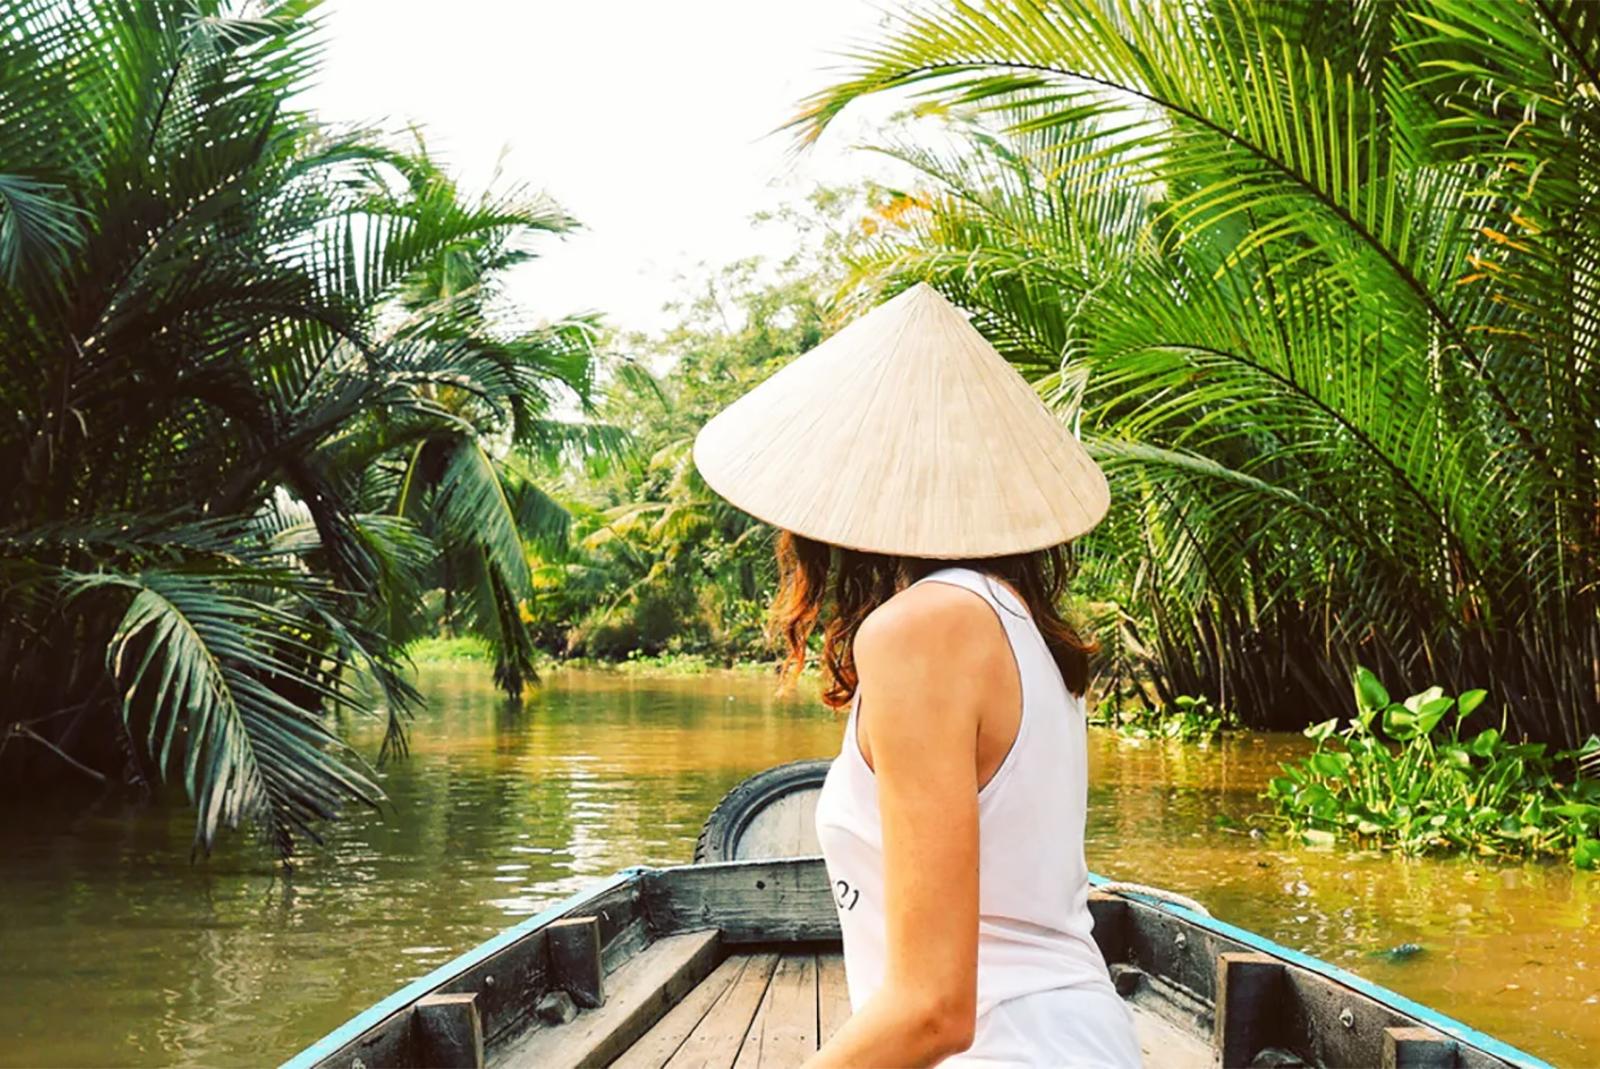 этого постановления фотографии туристов во вьетнаме для людей